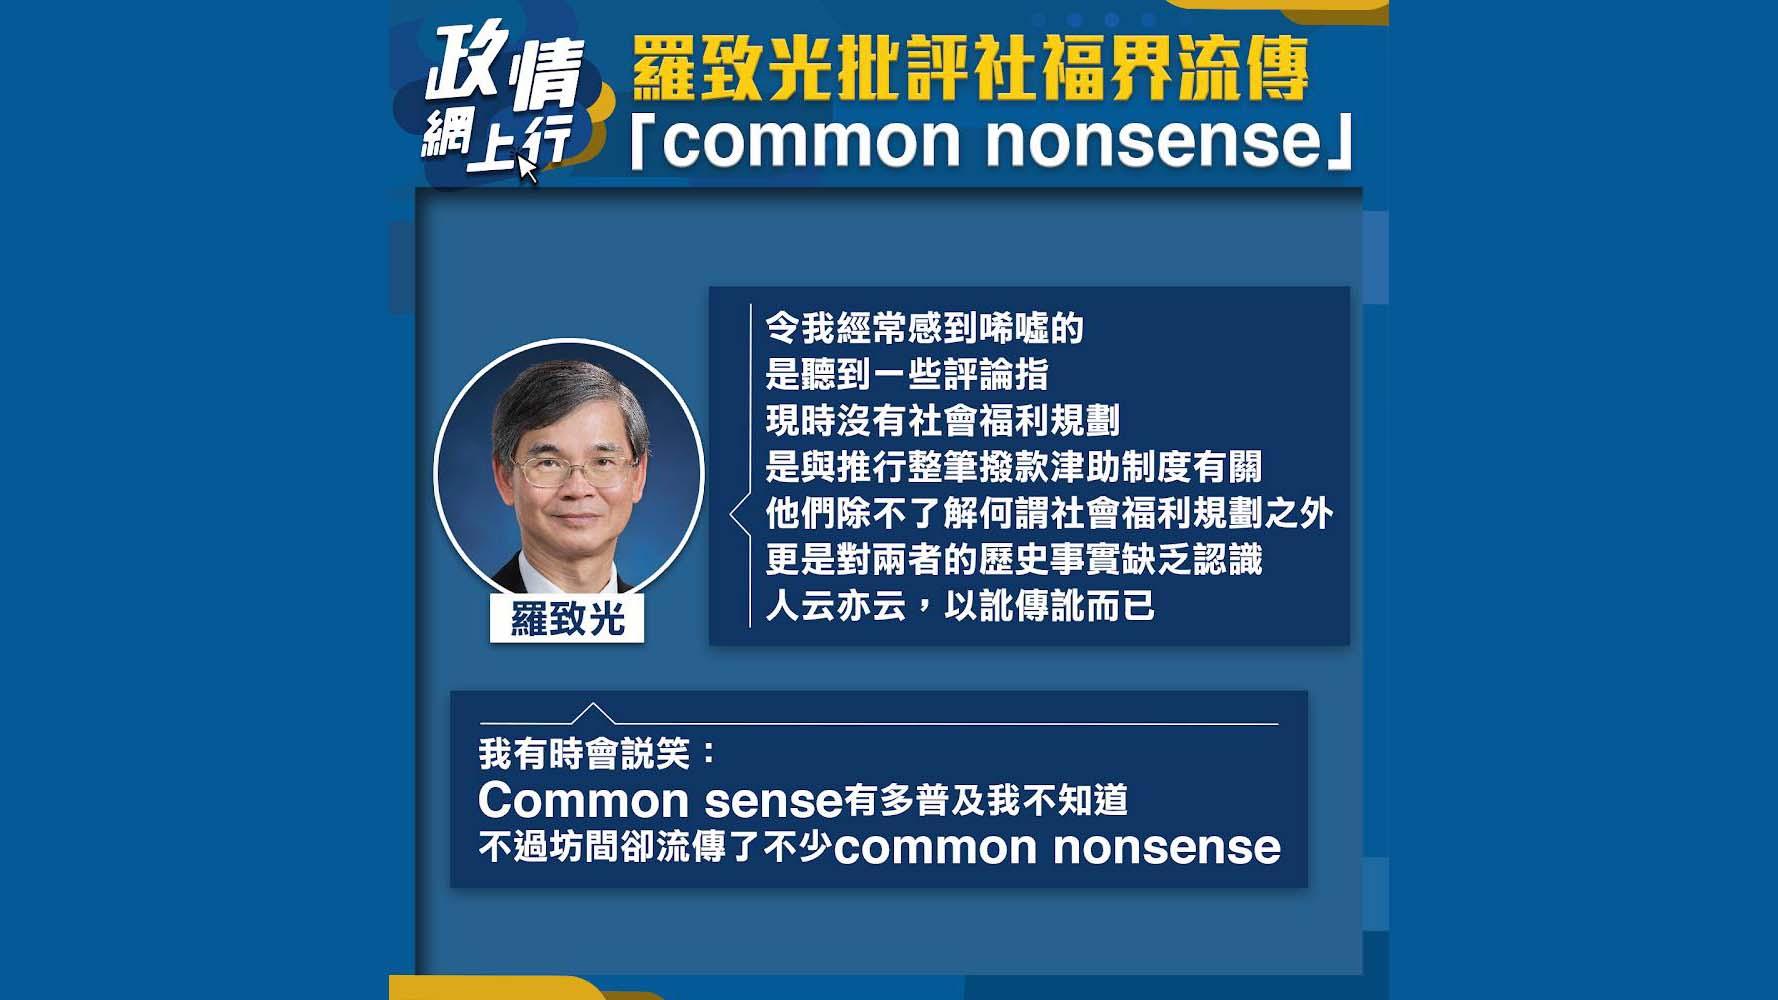 【政情網上行】羅致光批評社福界流傳「common nonsense」